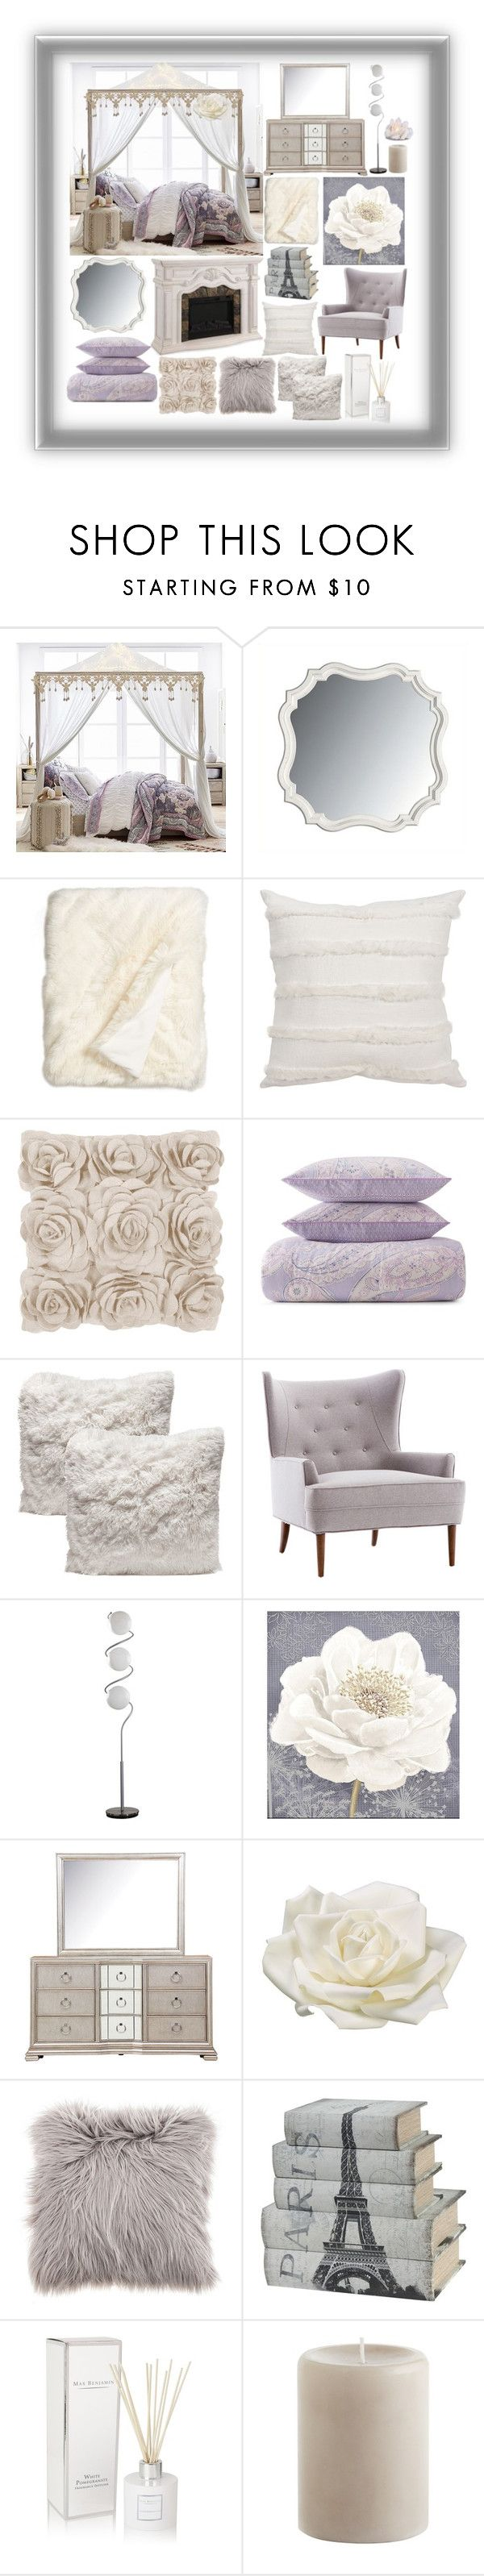 best 25+ classy teen bedroom ideas only on pinterest | cute teen